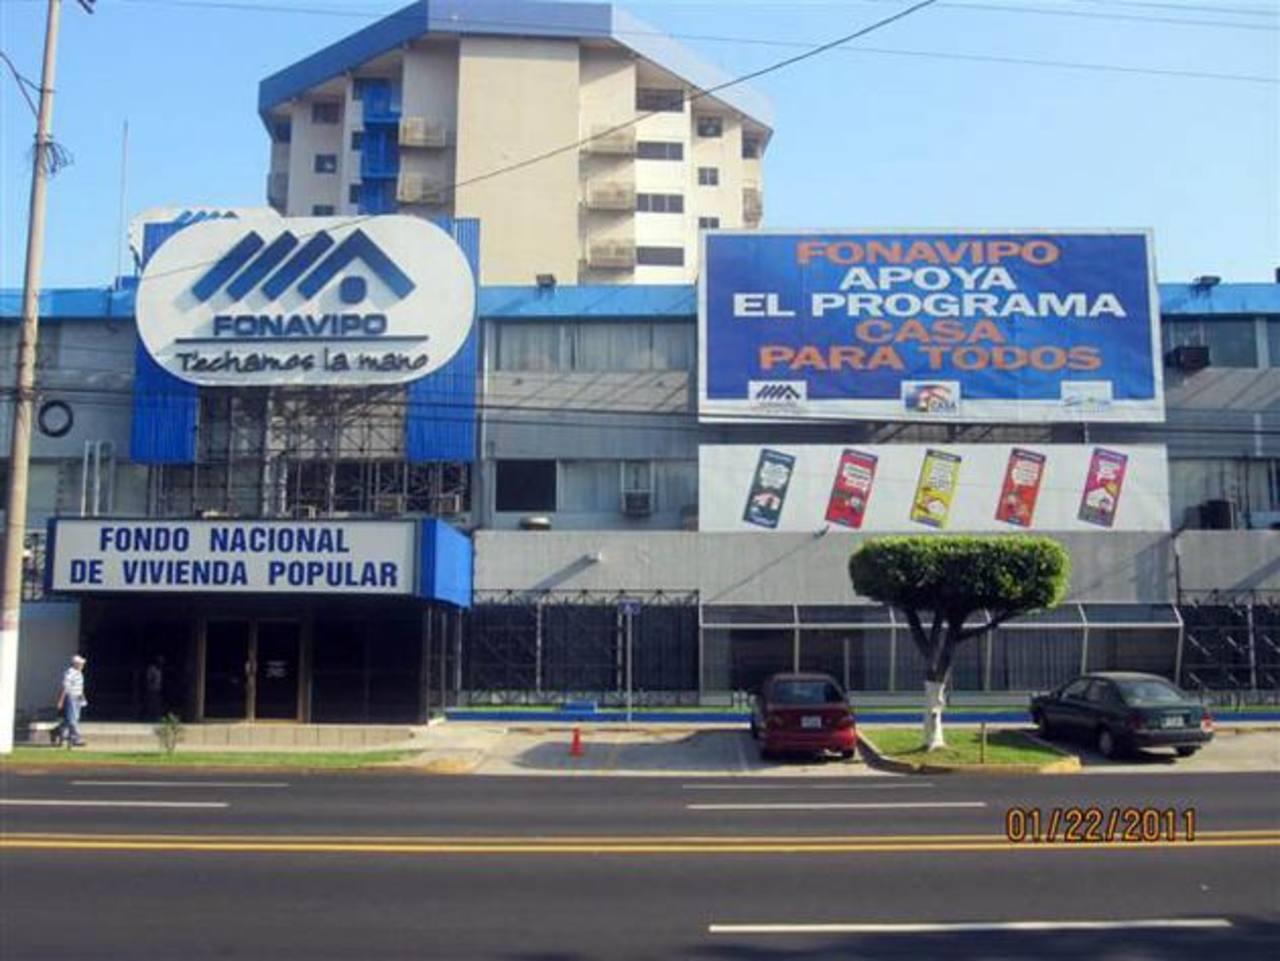 Fonavipo informó a los inversionistas que los intereses serán cancelados de forma trimestral. foto edh / cortesía